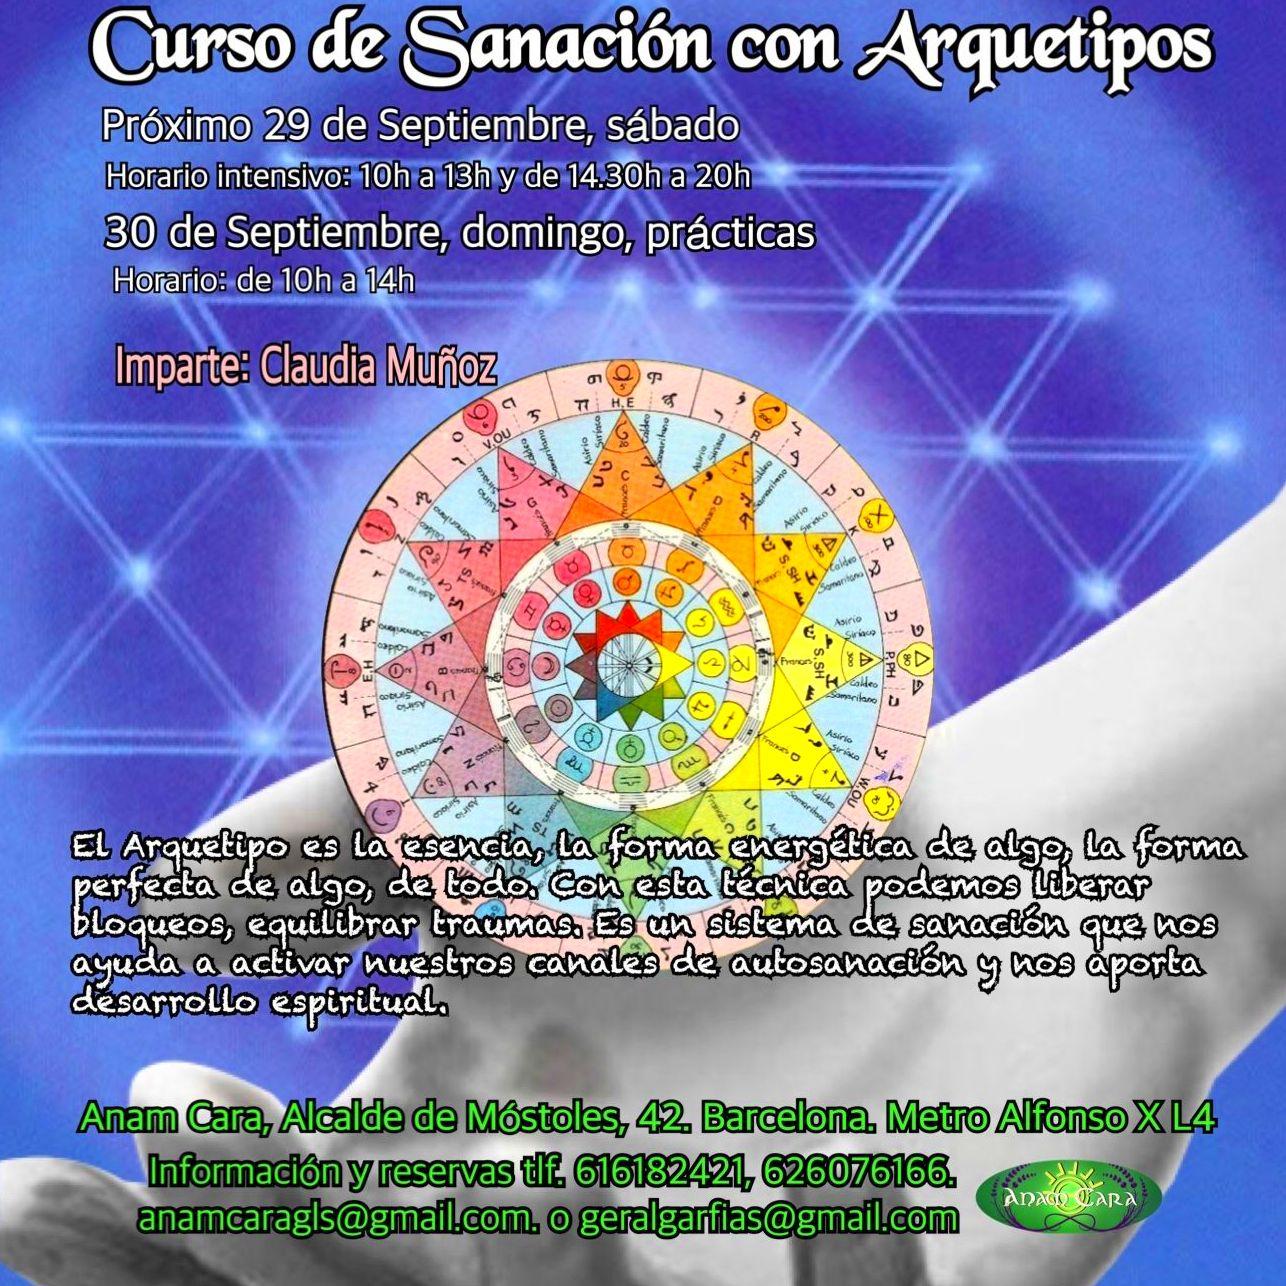 Curso Sanación con Arquetipos próximo 29/09